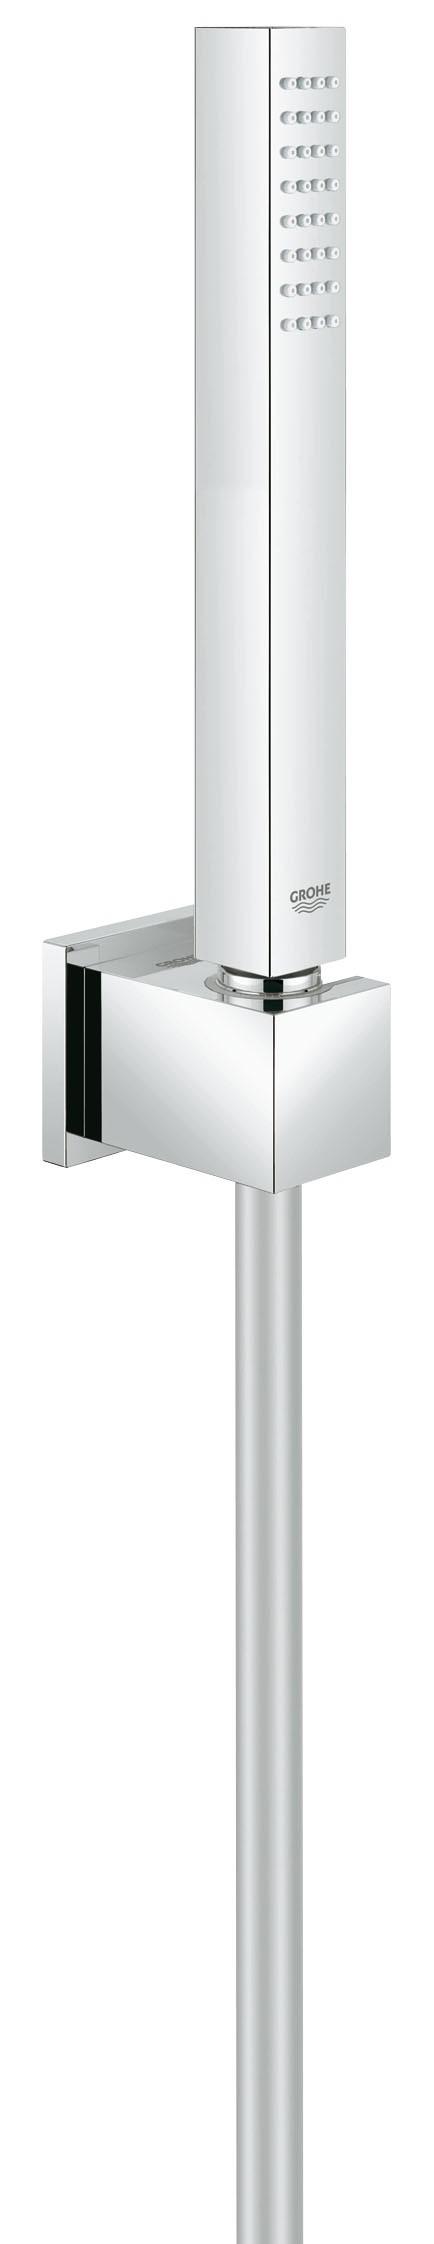 Душевой набор Grohe 27703000 Euphoria Cube (ручной душ, настенный держатель, шланг 1250 мм), хром